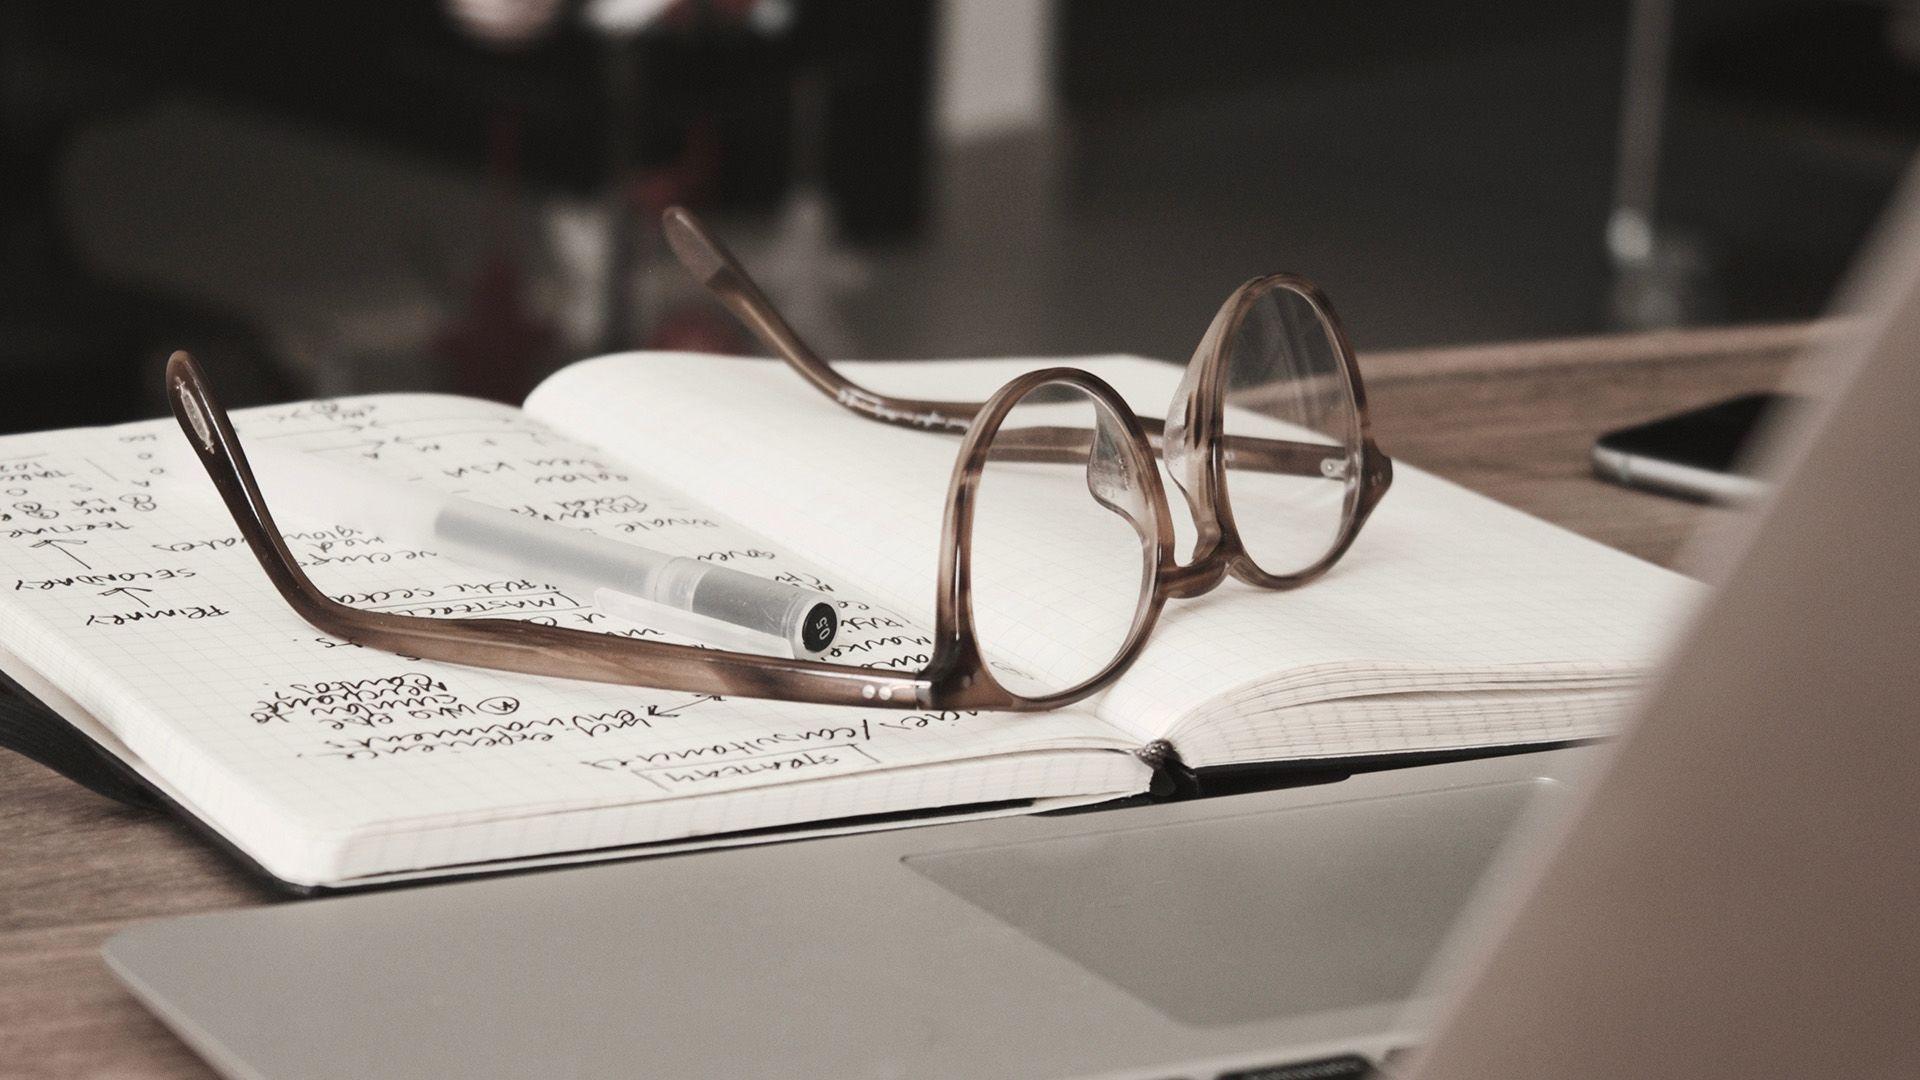 szemüveg, füzet, laptop